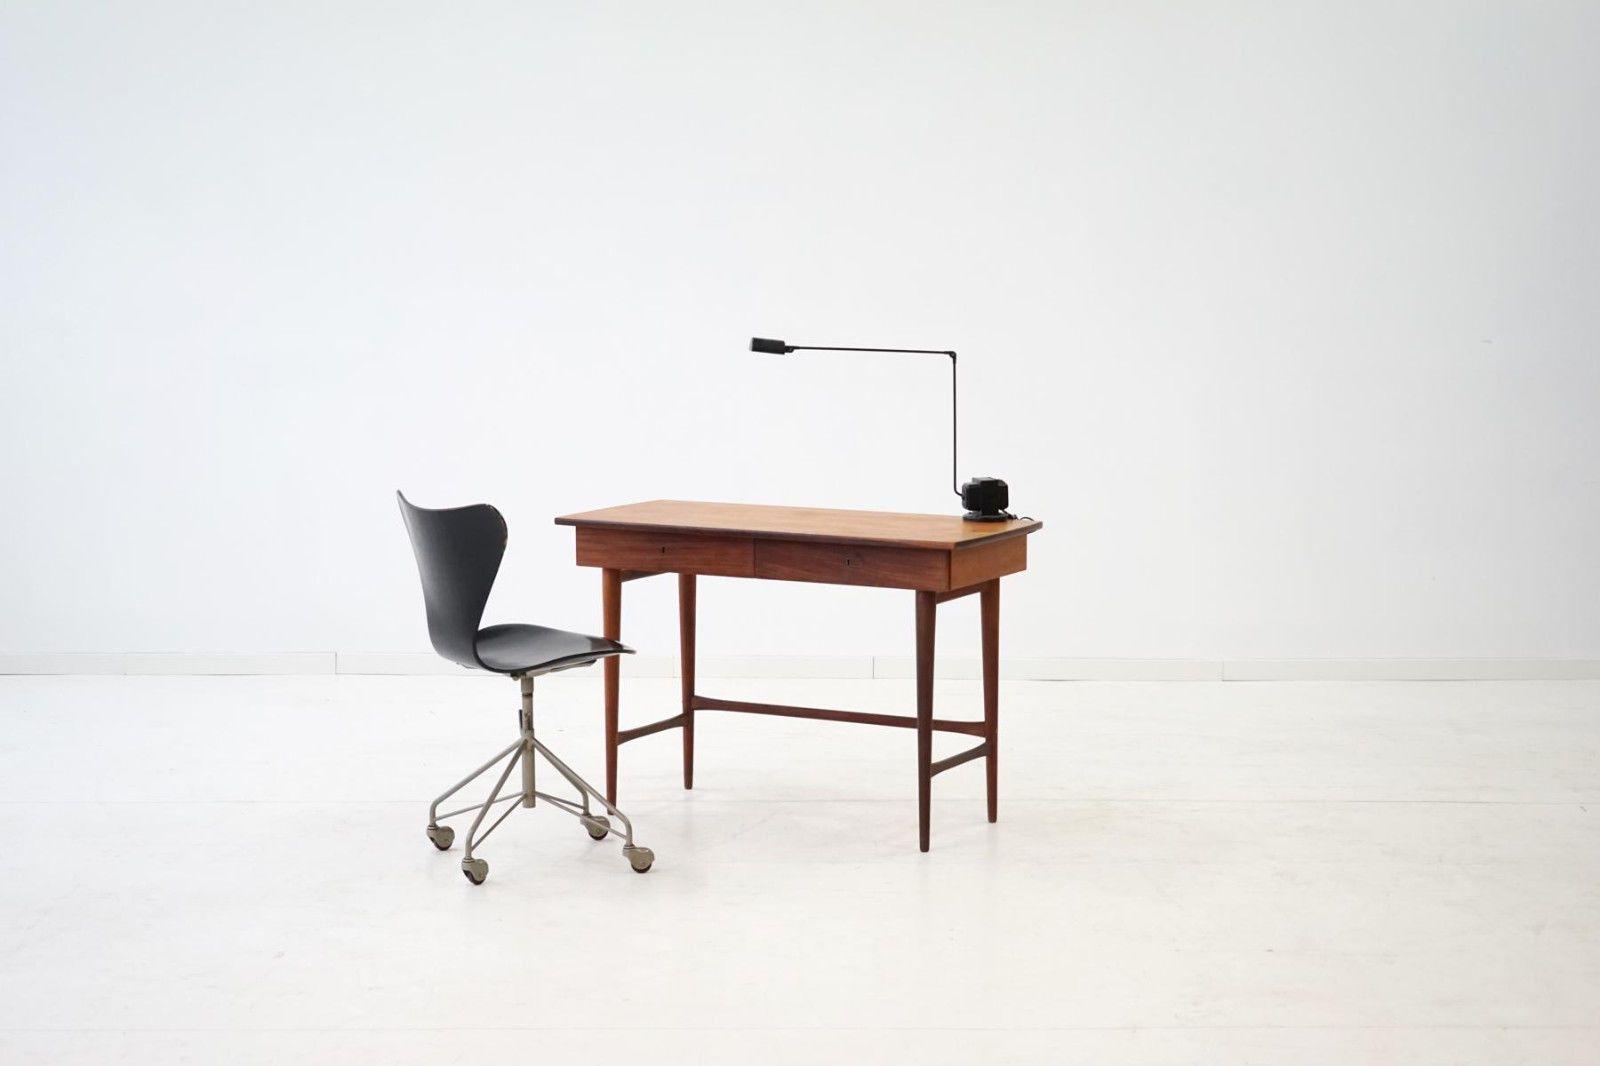 Teak Boomerang Schreibtisch Desk Tisch lady office desk vintage ...